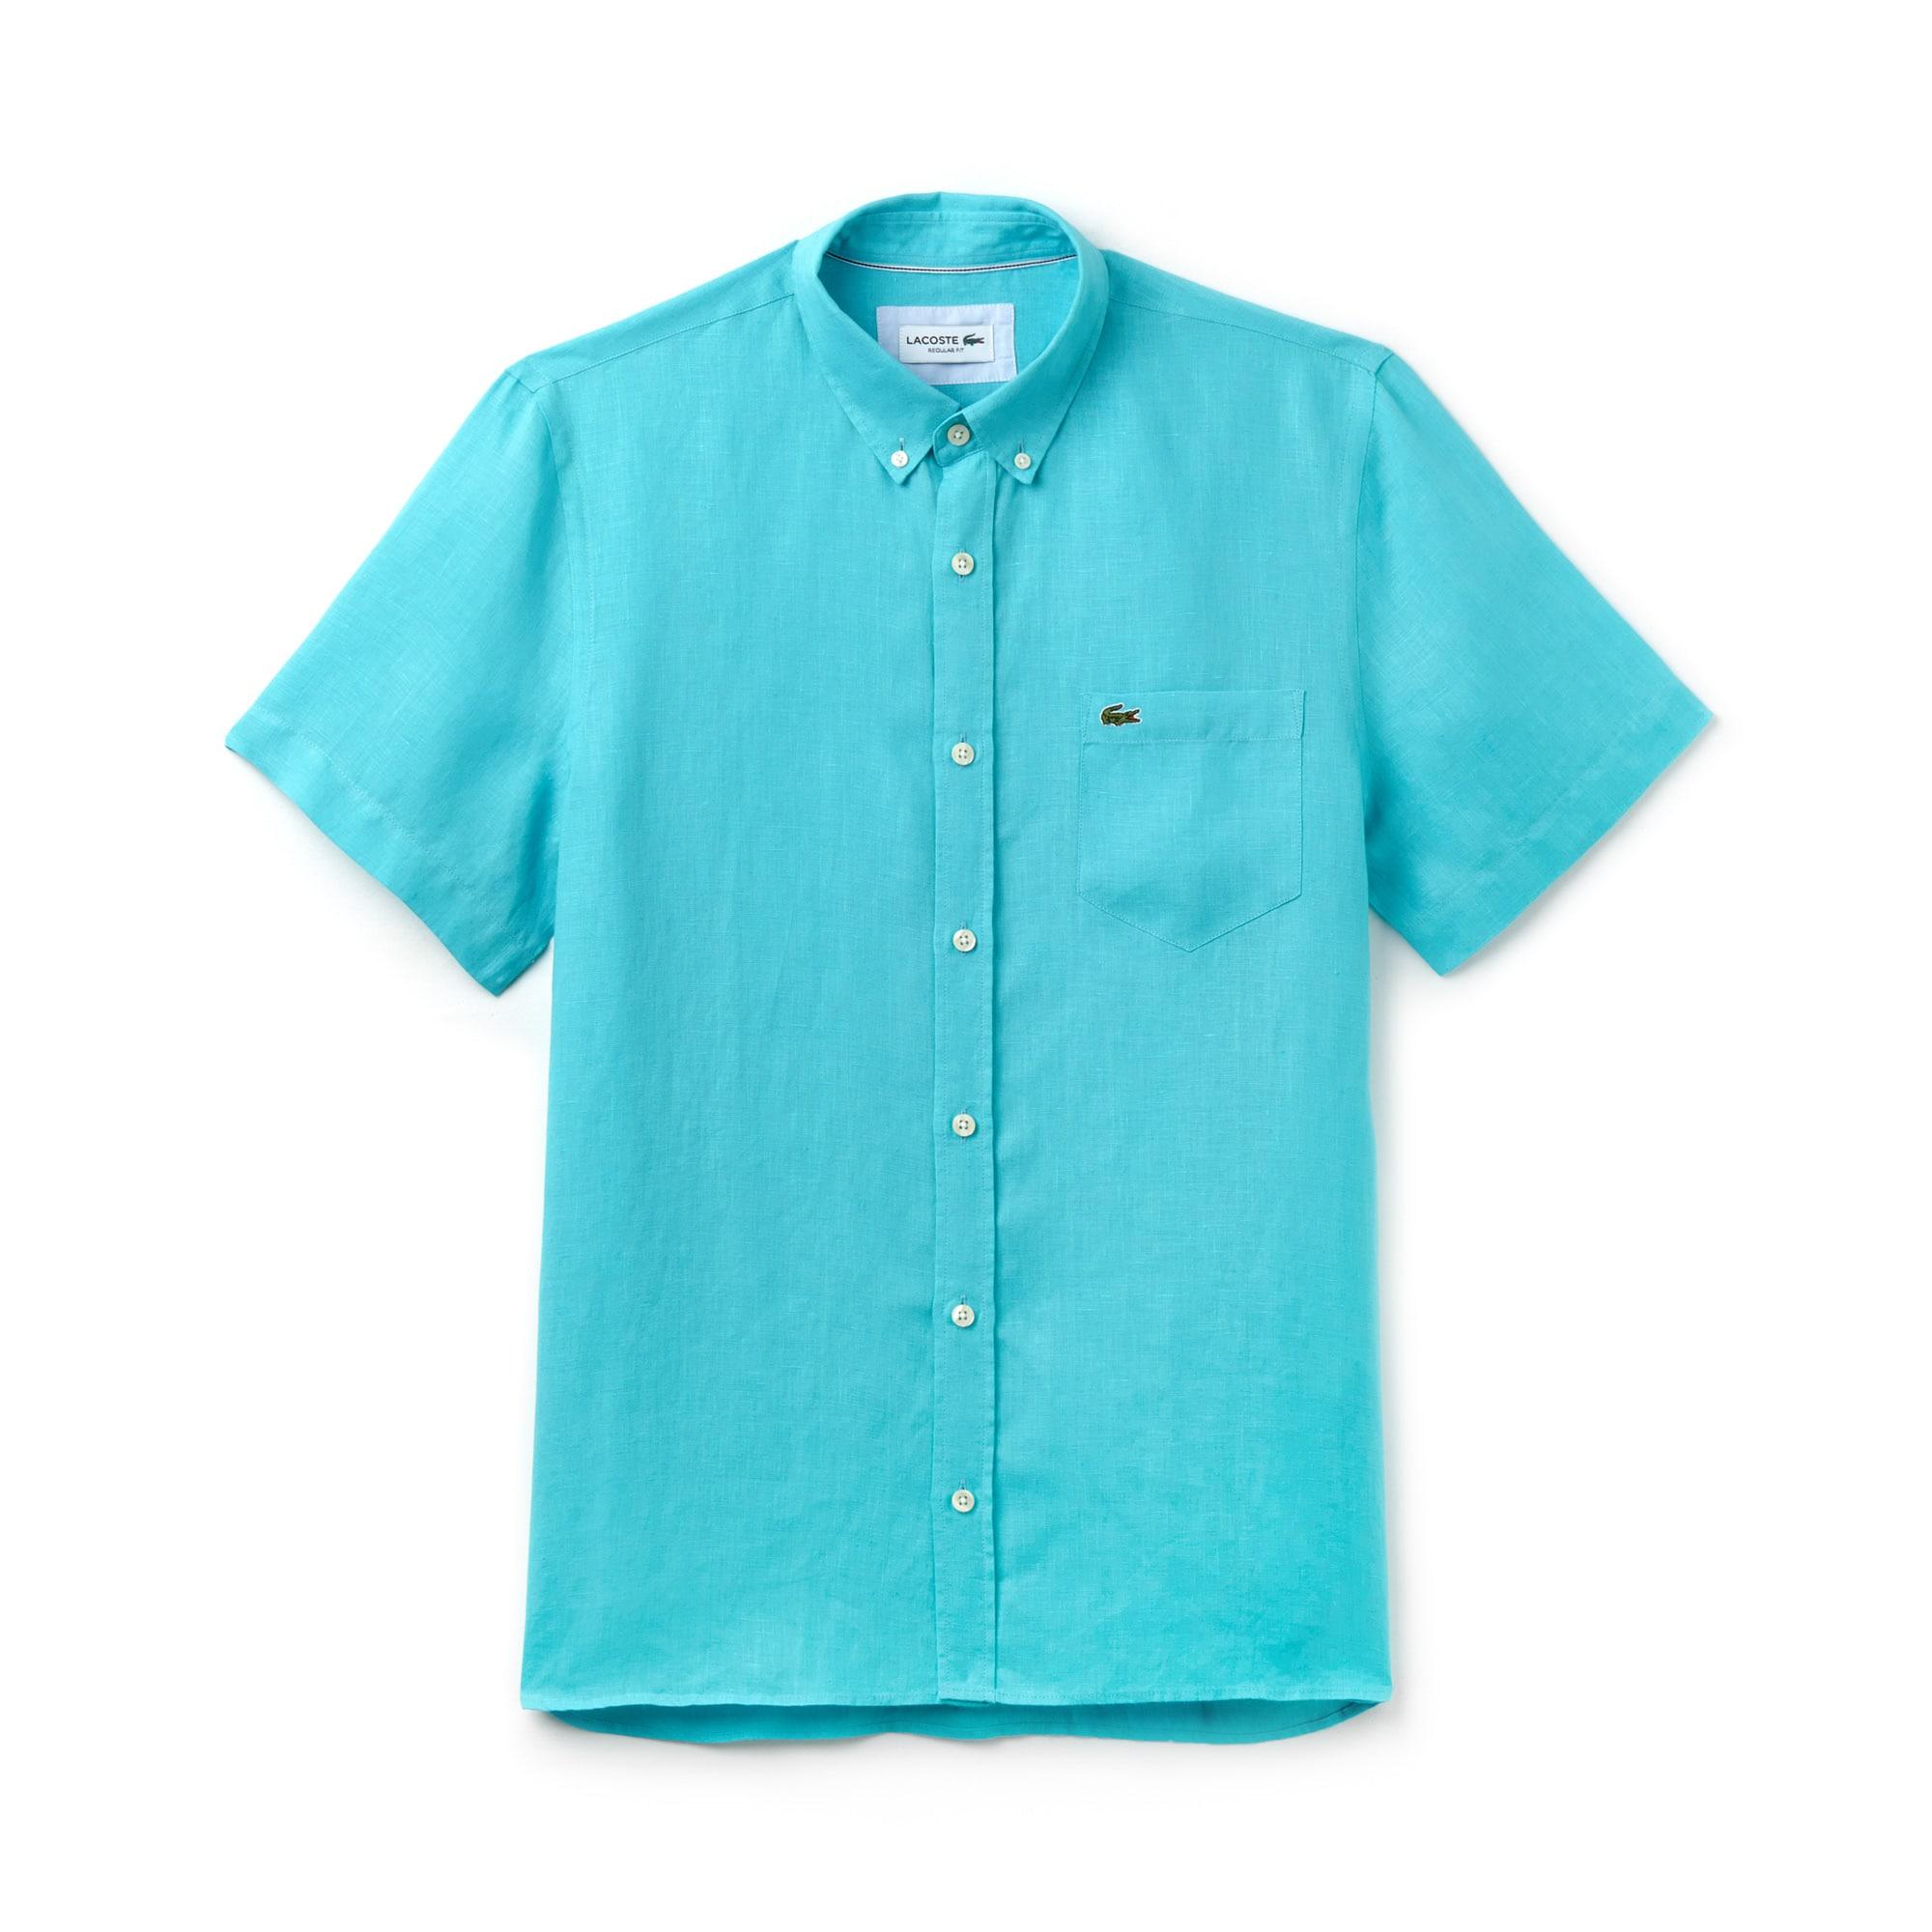 라코스테 반팔 셔츠 Lacoste Mens Regular Fit Linen Shirt,reef green